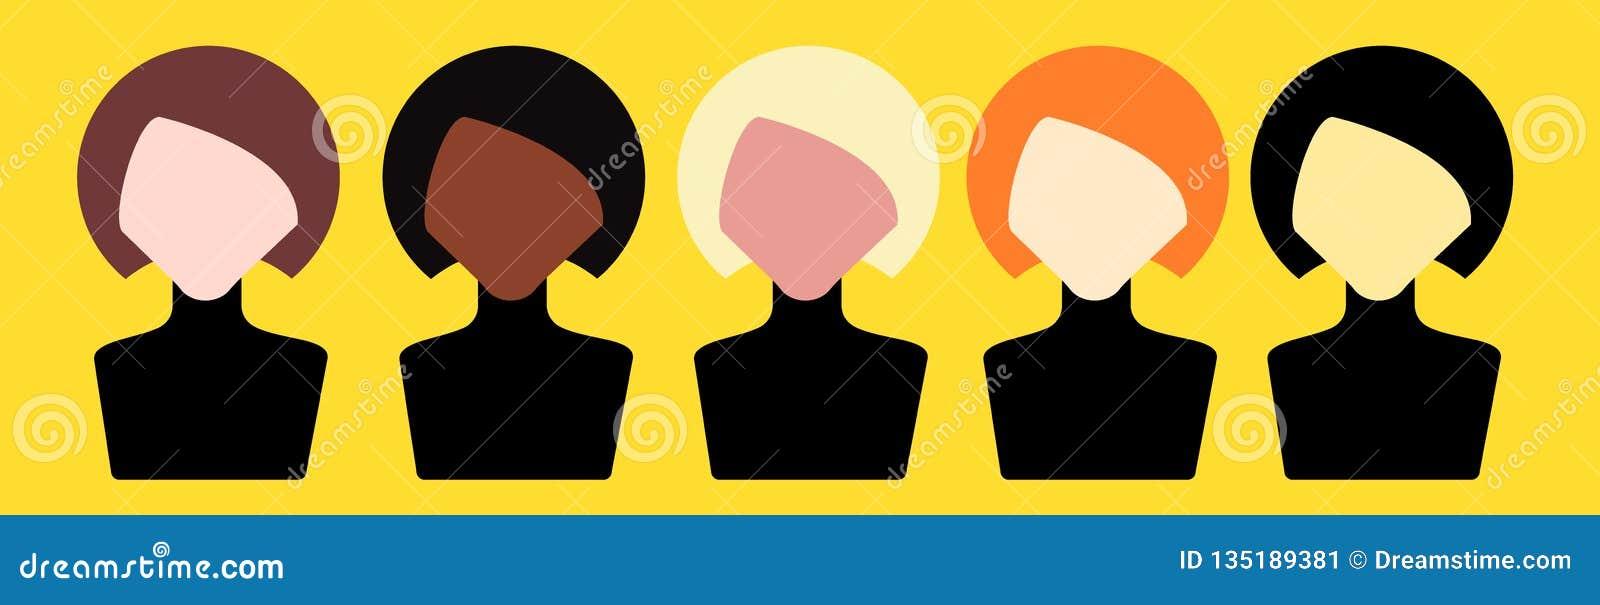 Avatar kobiety